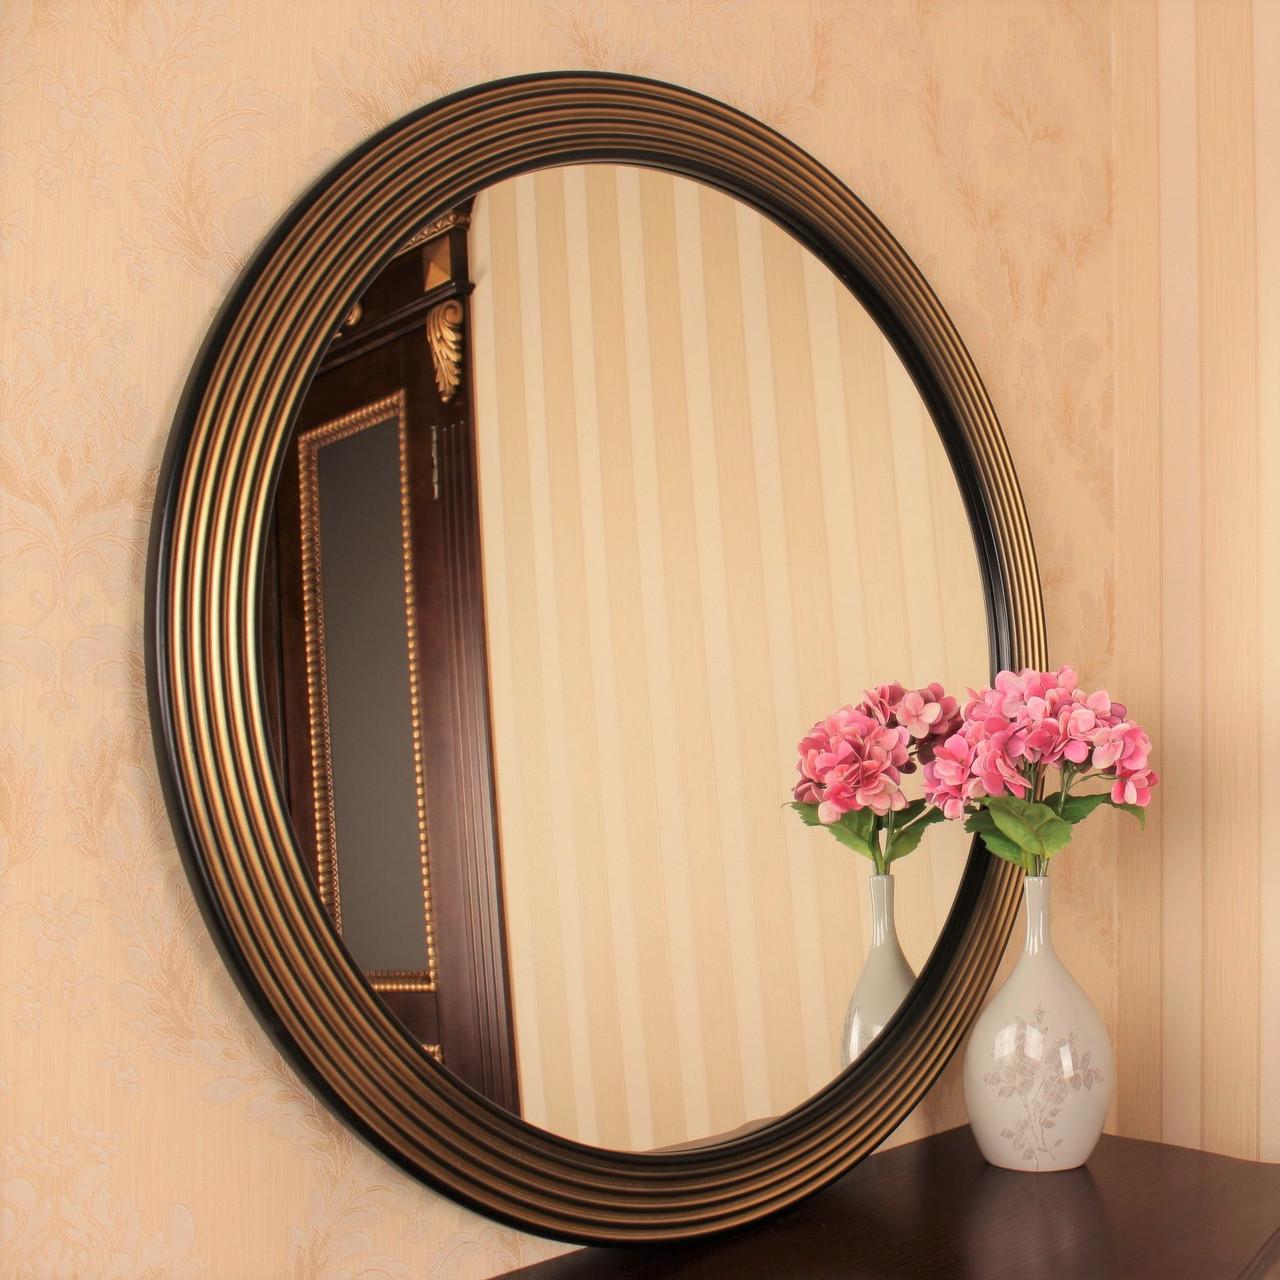 Зеркало круглое черное с золотом в прихожую/ Диаметр 690мм /Круглое зеркало в ванную/Код MD 1.1/2